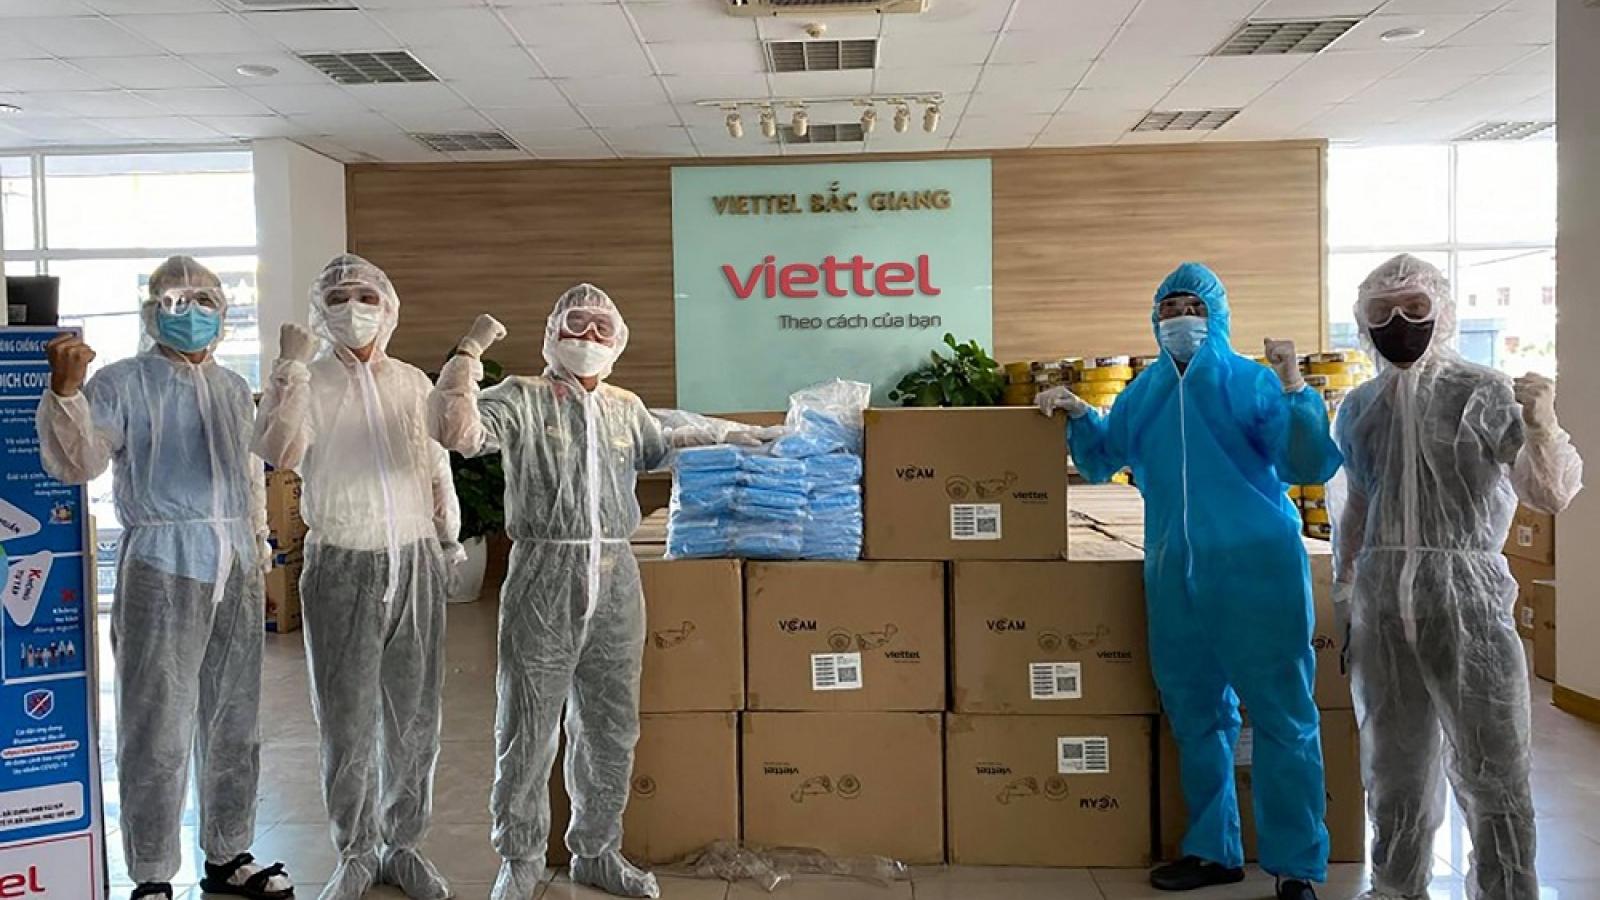 Viettel tặng 100% lưu lượng data cho người dân tại tâm dịch Bắc Ninh, Bắc Giang